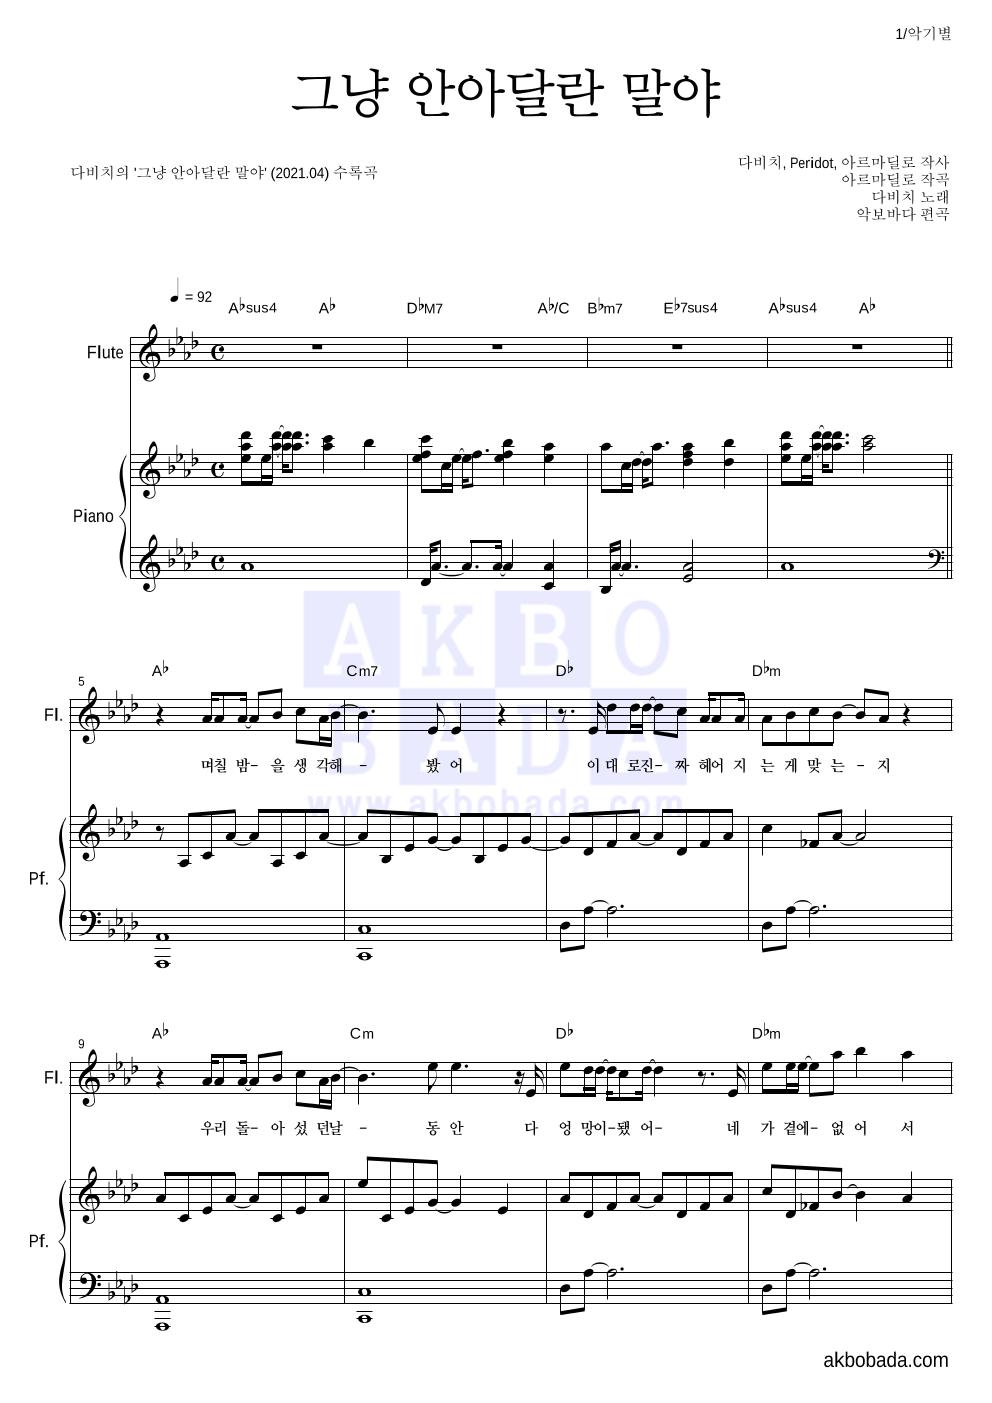 다비치 - 그냥 안아달란 말야 플룻&피아노 악보